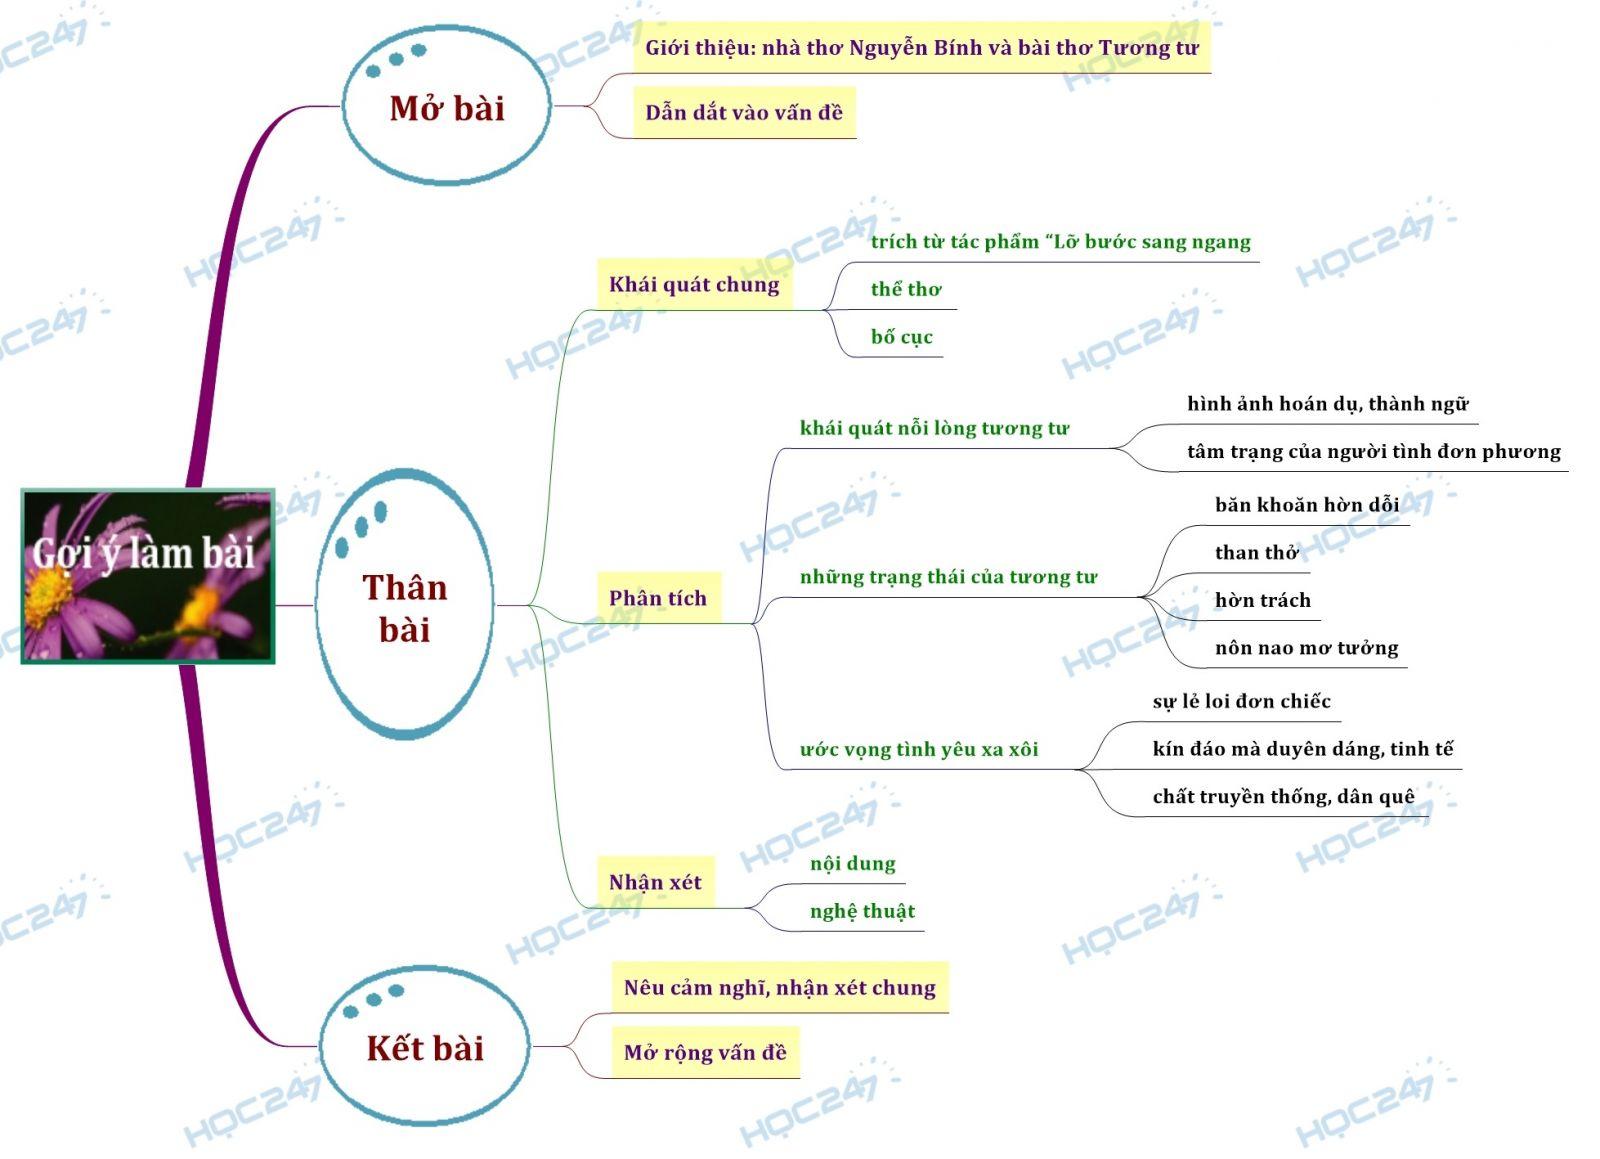 sơ đồ tư duy phân tích bài thơ Tương tư của nhà thơ Nguyễn Bính